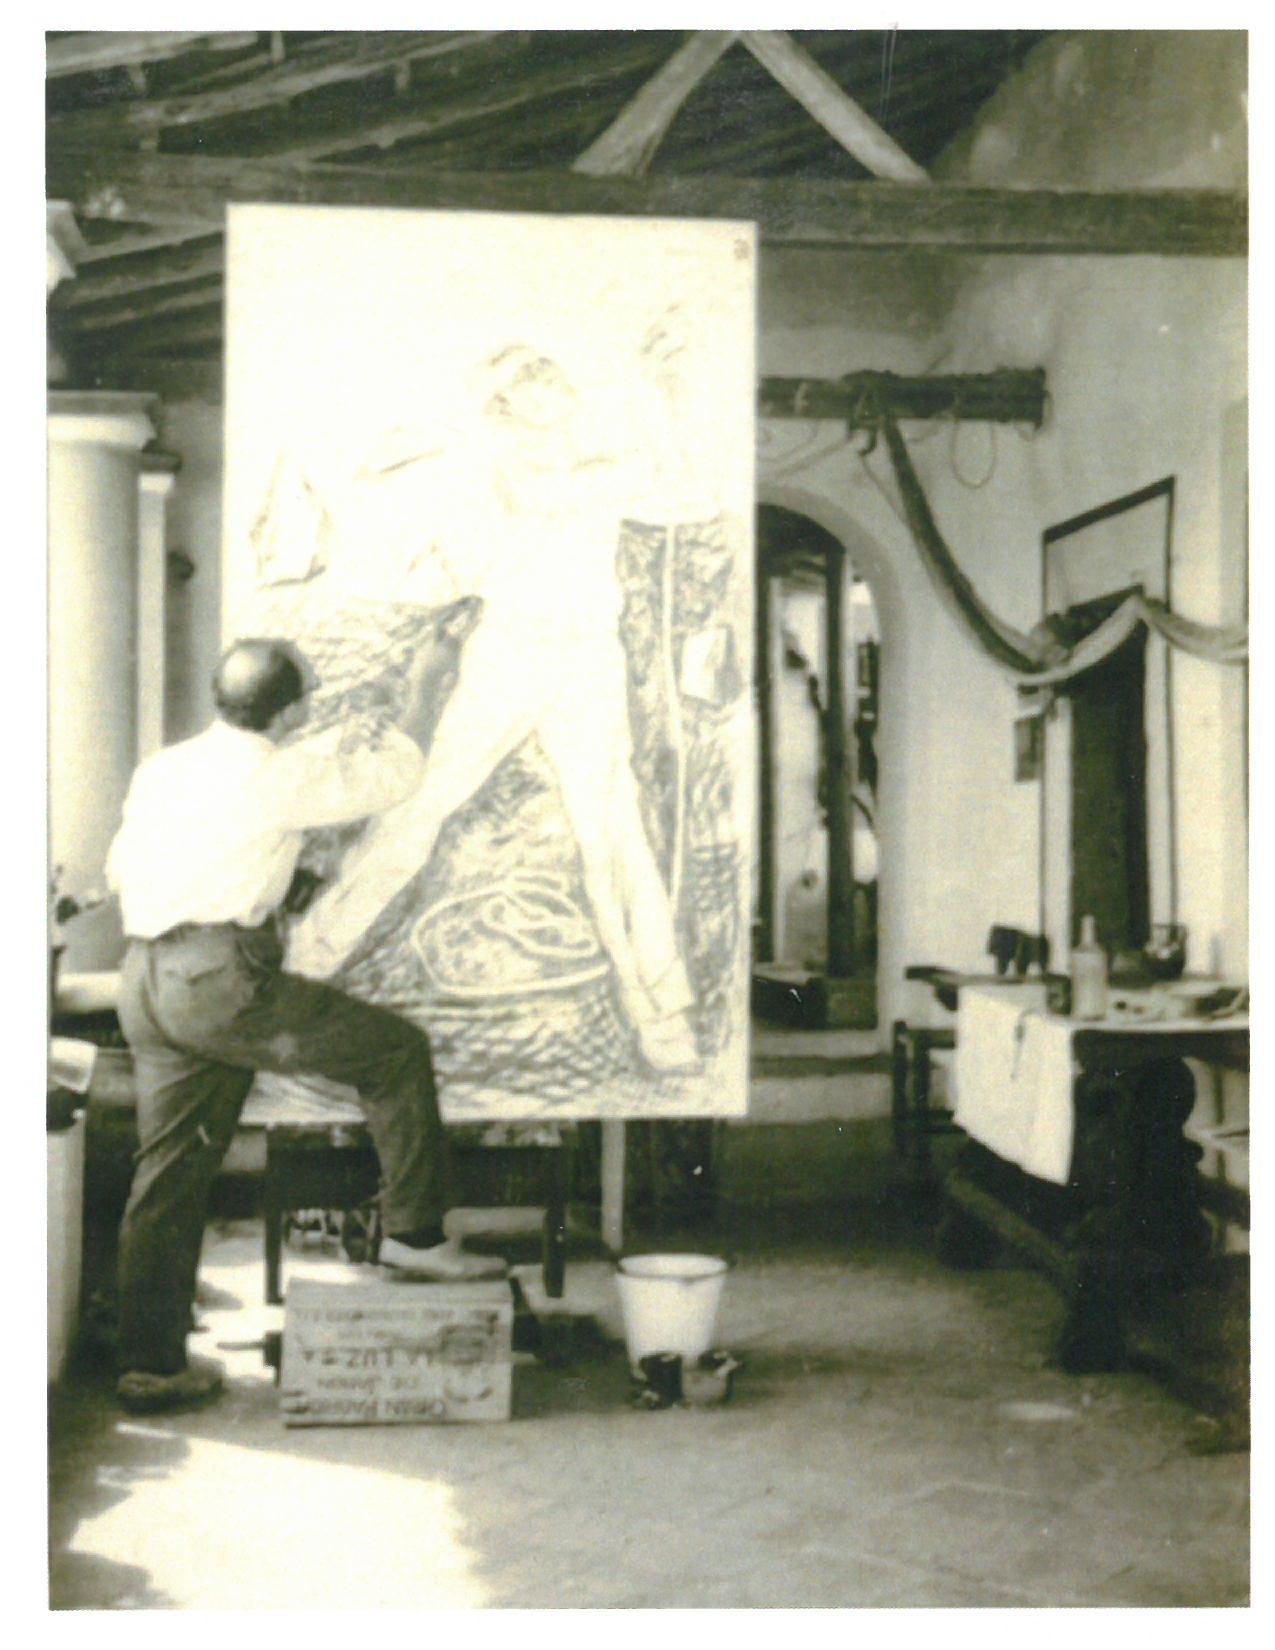 Stefan Hirsch history